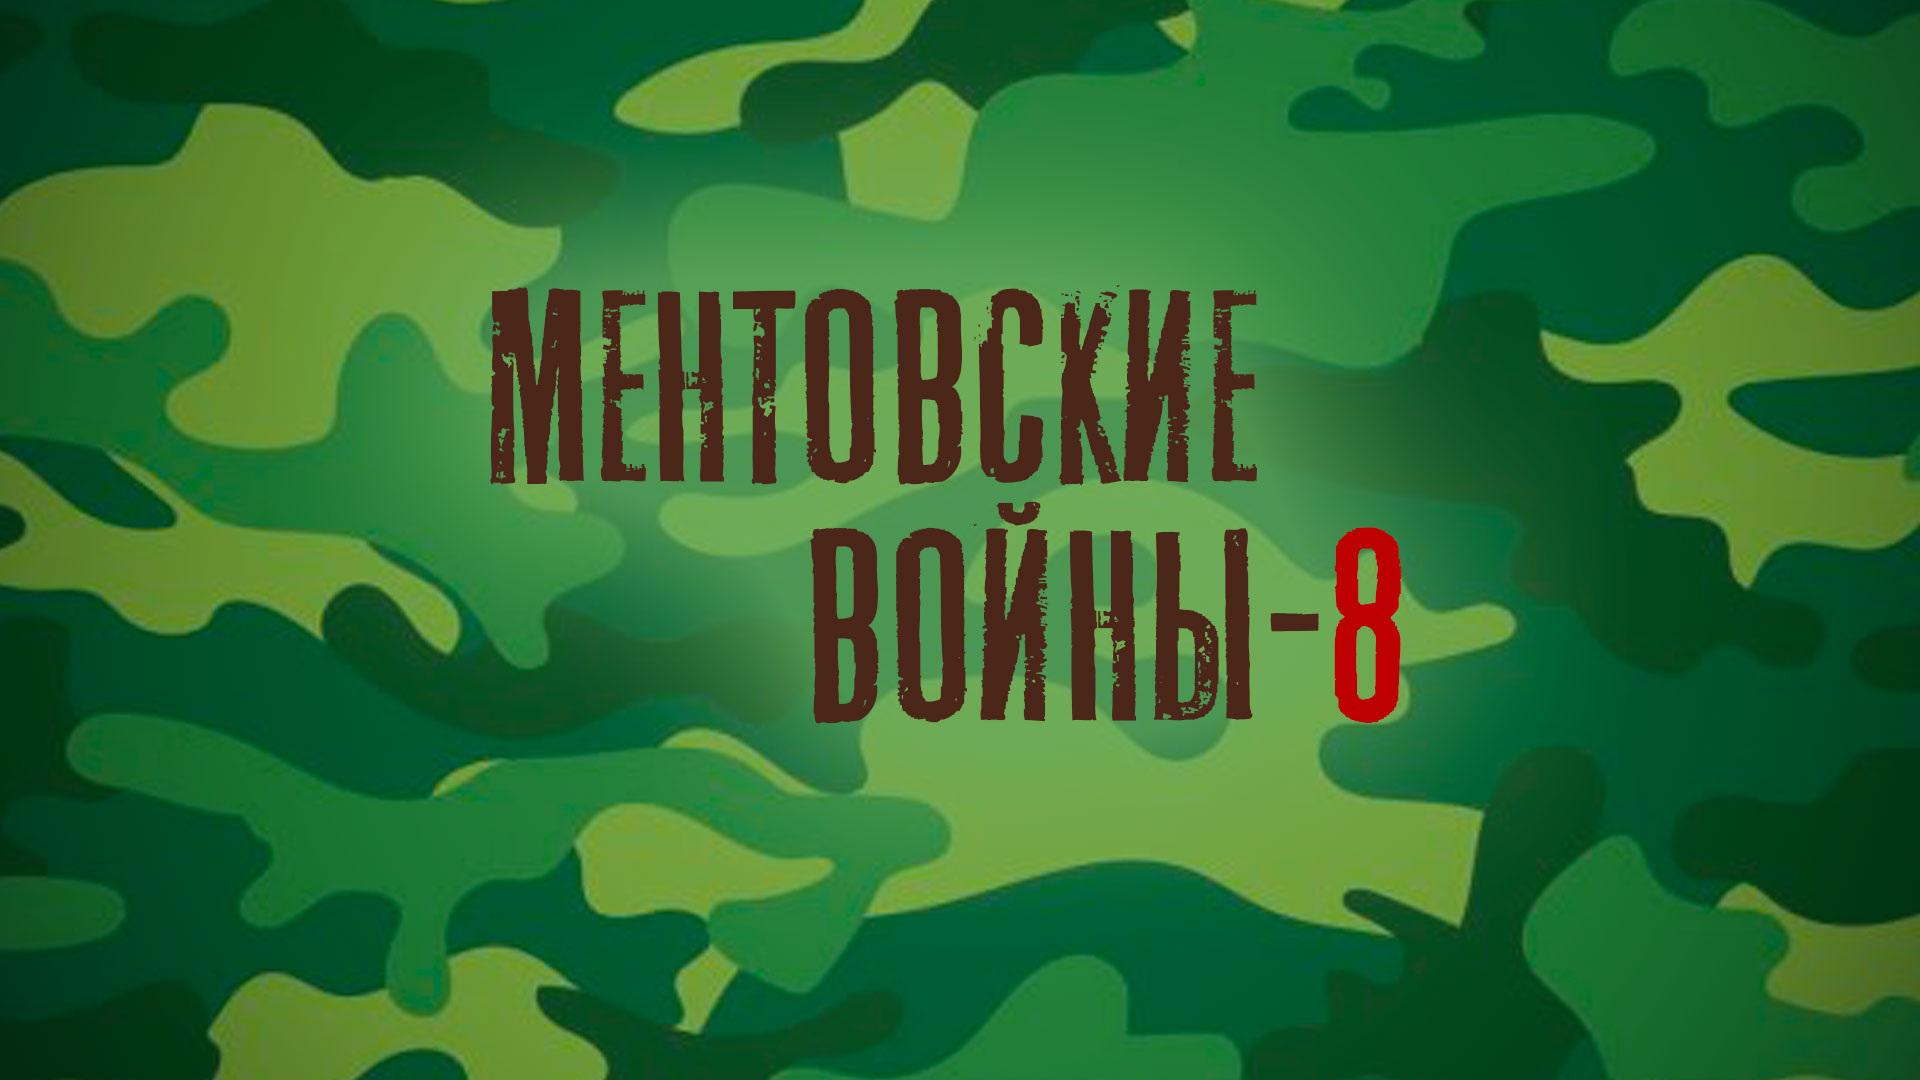 Ментовские войны-8